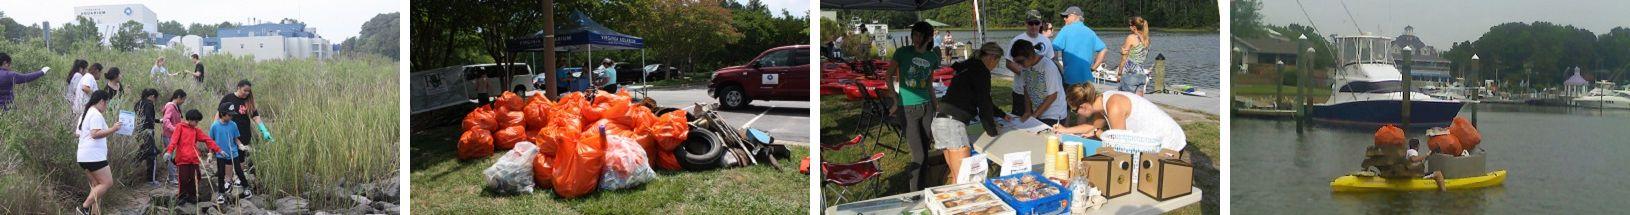 Volunteer at Rudee Inlet Foundation in Virginia Beach